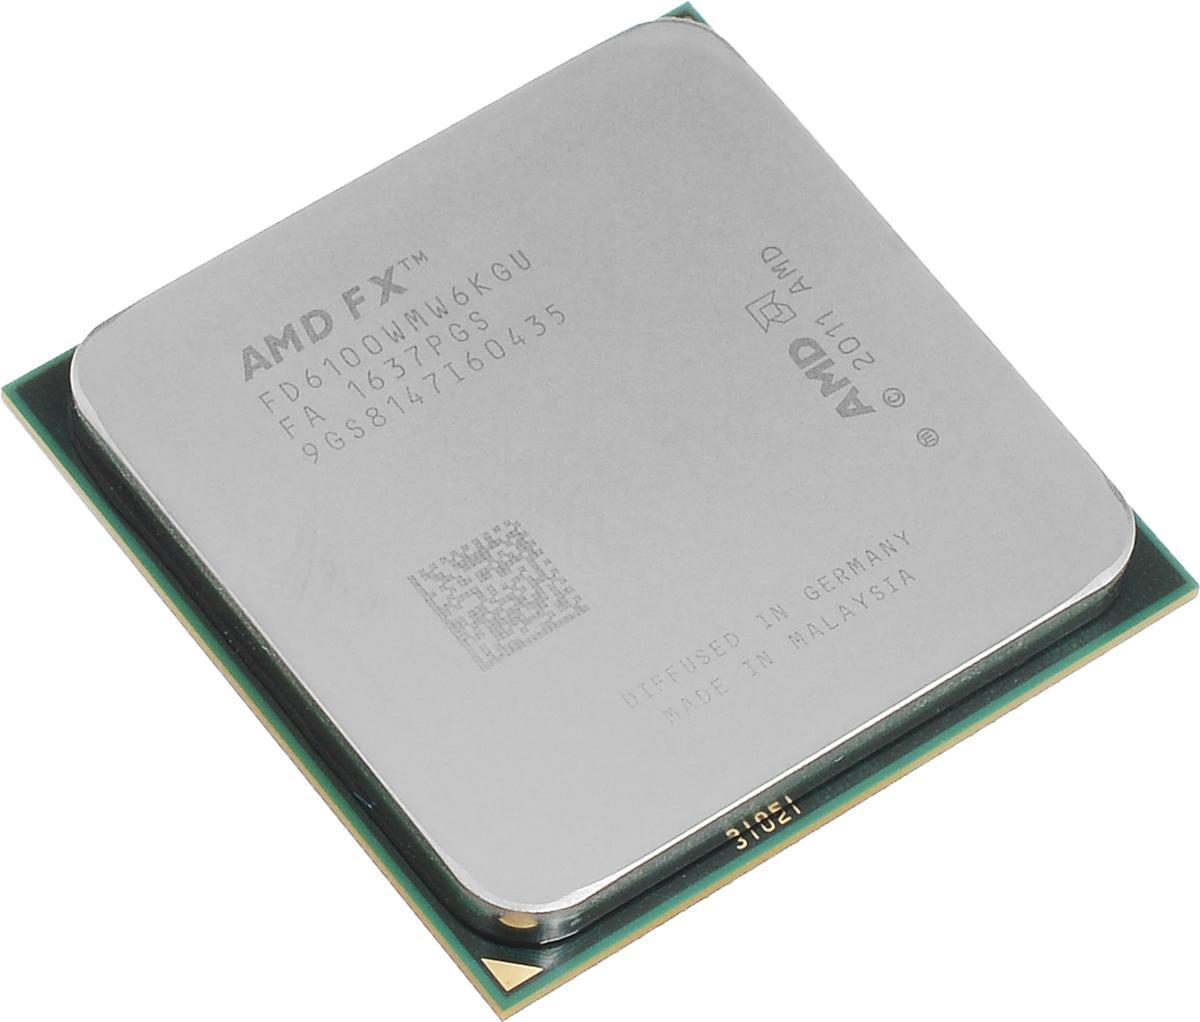 AMD FX-6100 процессор (FD6100WMW6KGU)FD6100WMW6KGUПроцессор AMD FX-6100 подойдет для настольных персональных компьютеров, основанных на платформе AMD. Данная модель имеет разблокированный множитель, а также встроенный двухканальный контроллер памяти DDR3.Процессор поддерживает все основные технологии AMD: AMD64Enhanced Virus Protection,HyperTransport,PowerNow! / CoolnQuiet,Turbo Core 3.0,Virtualization